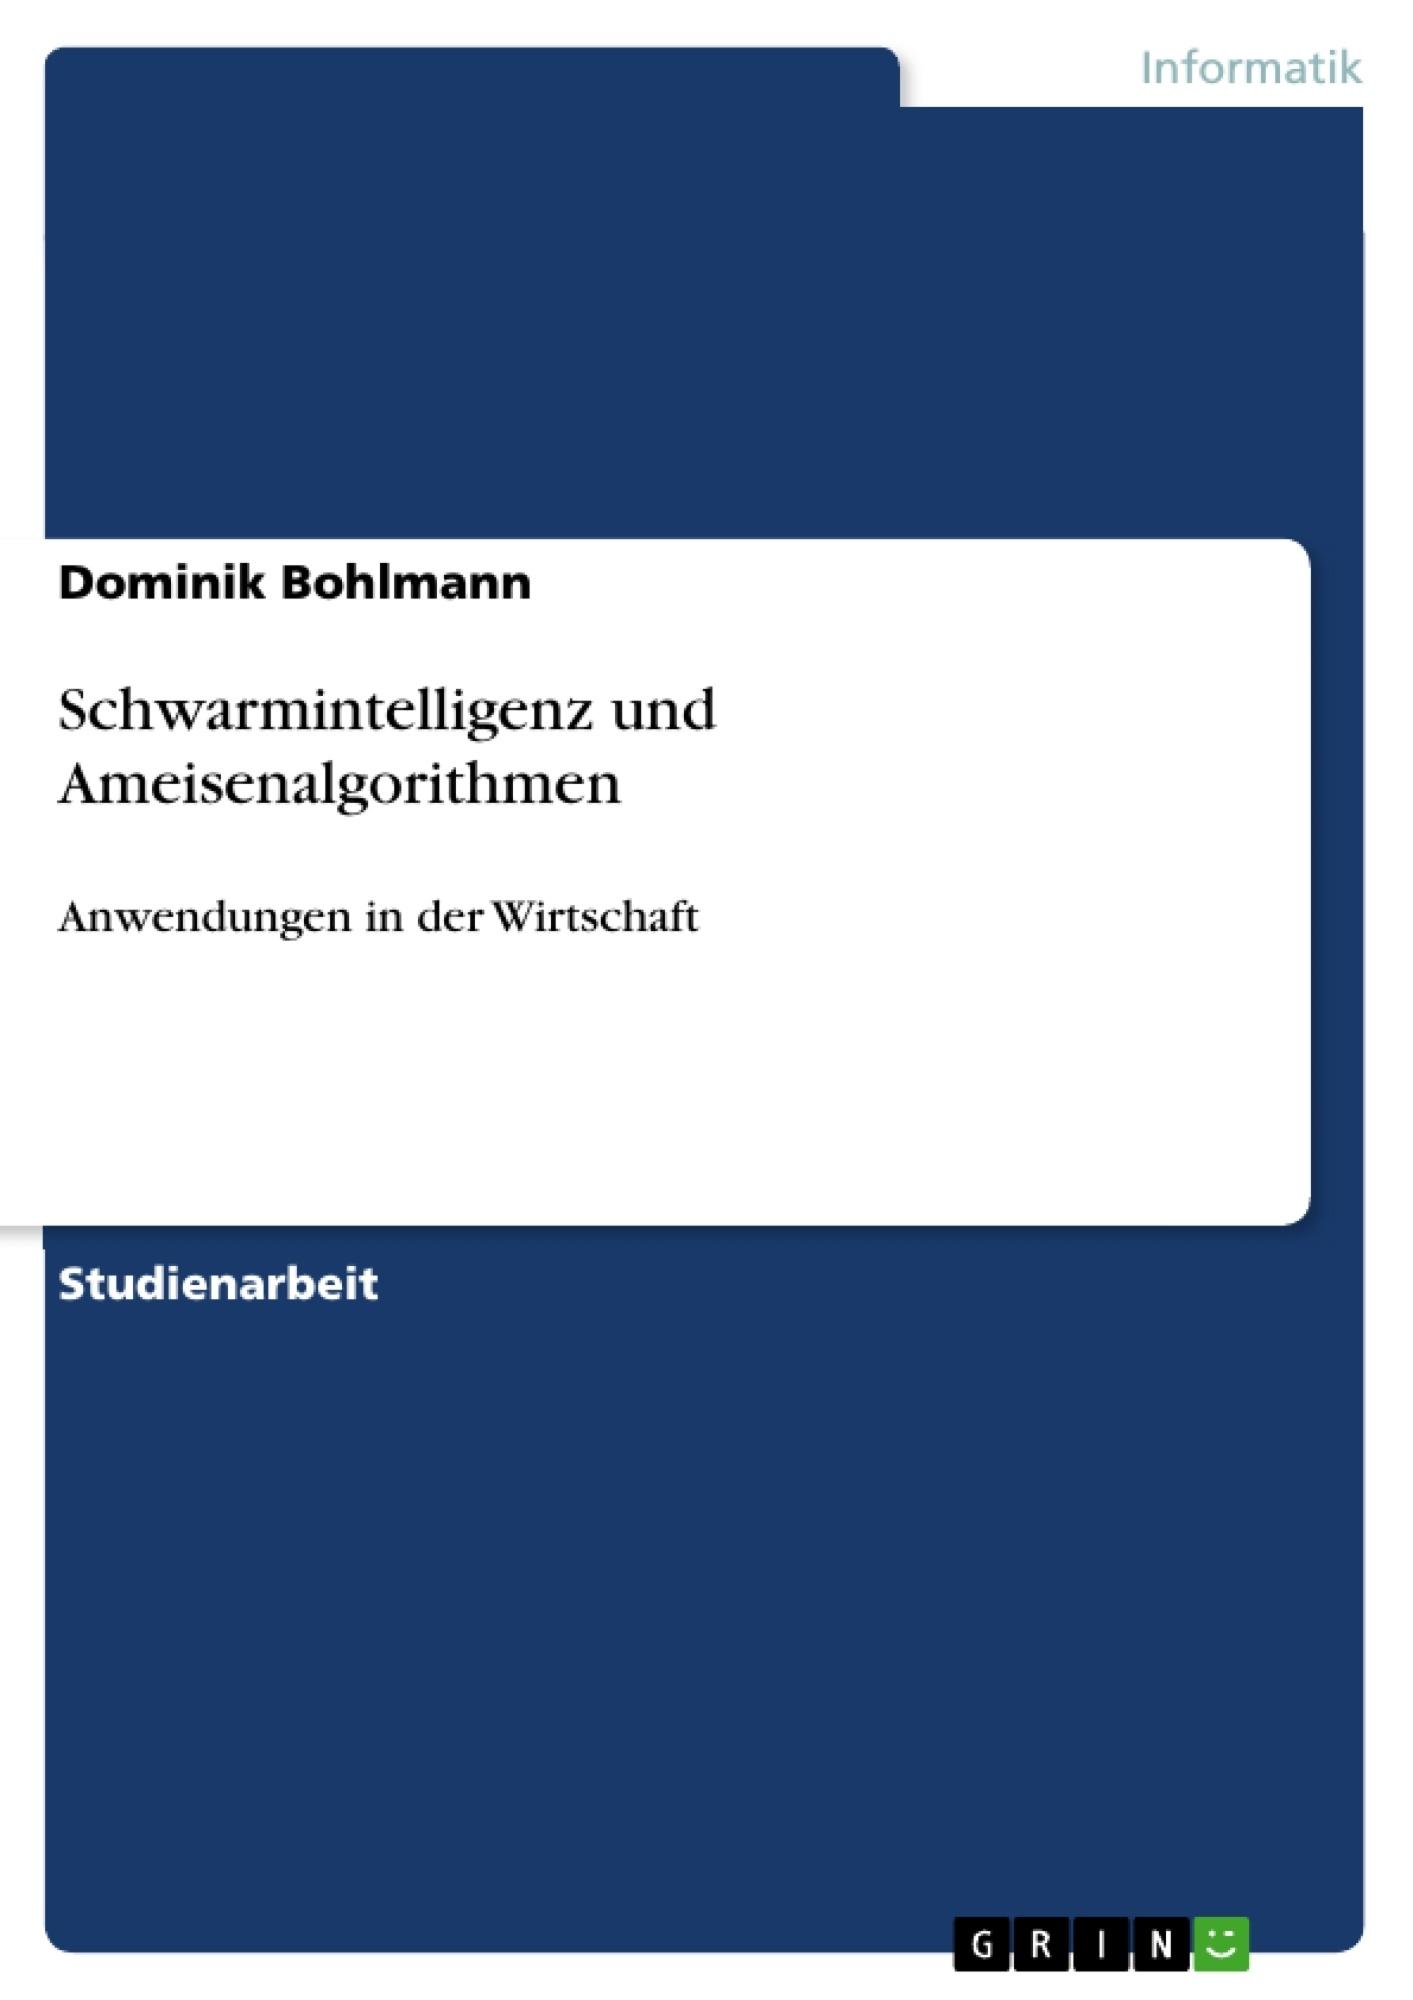 Titel: Schwarmintelligenz und Ameisenalgorithmen